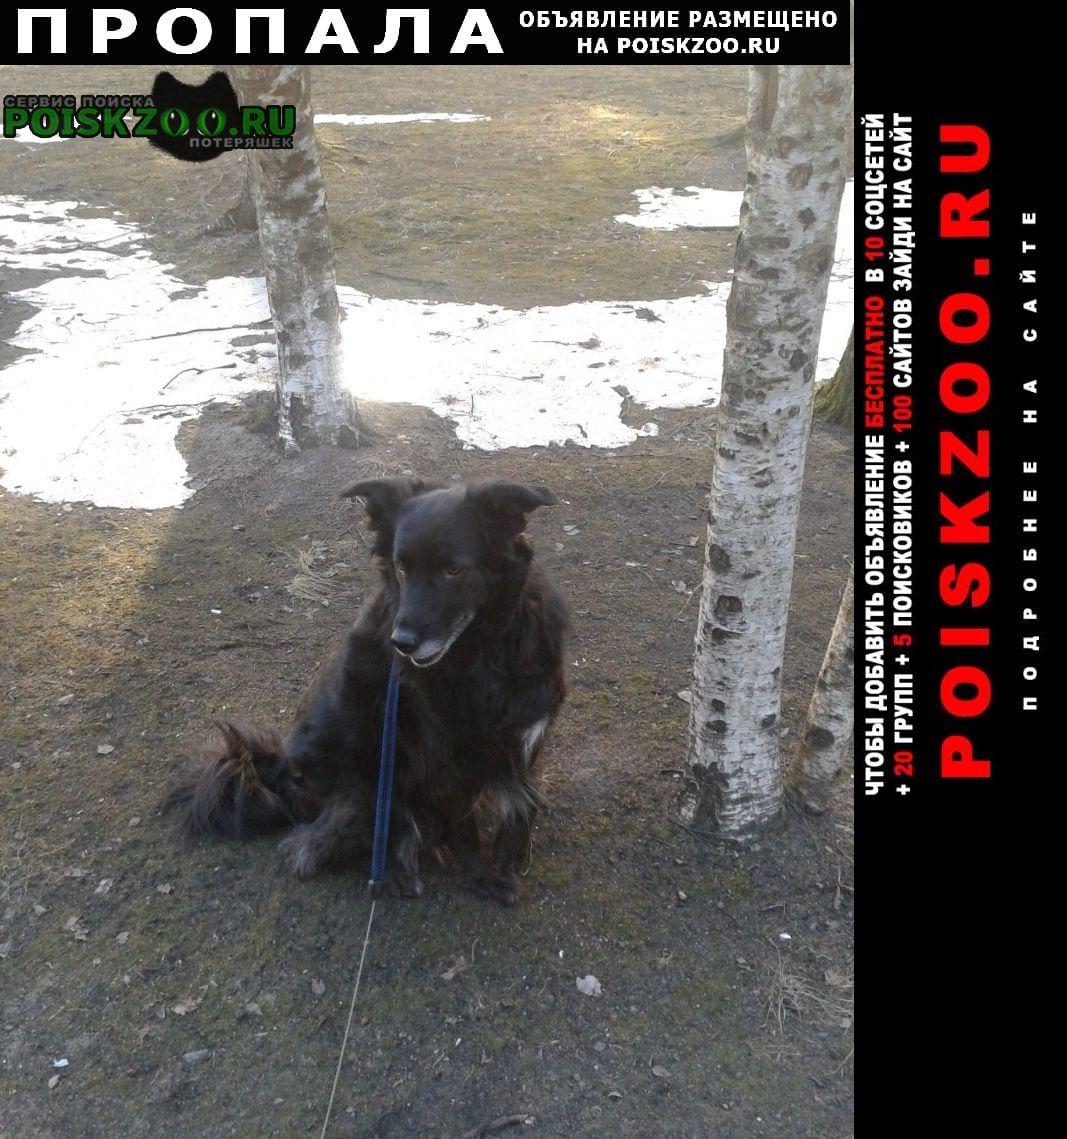 Пропала собака черная среднего размера Санкт-Петербург